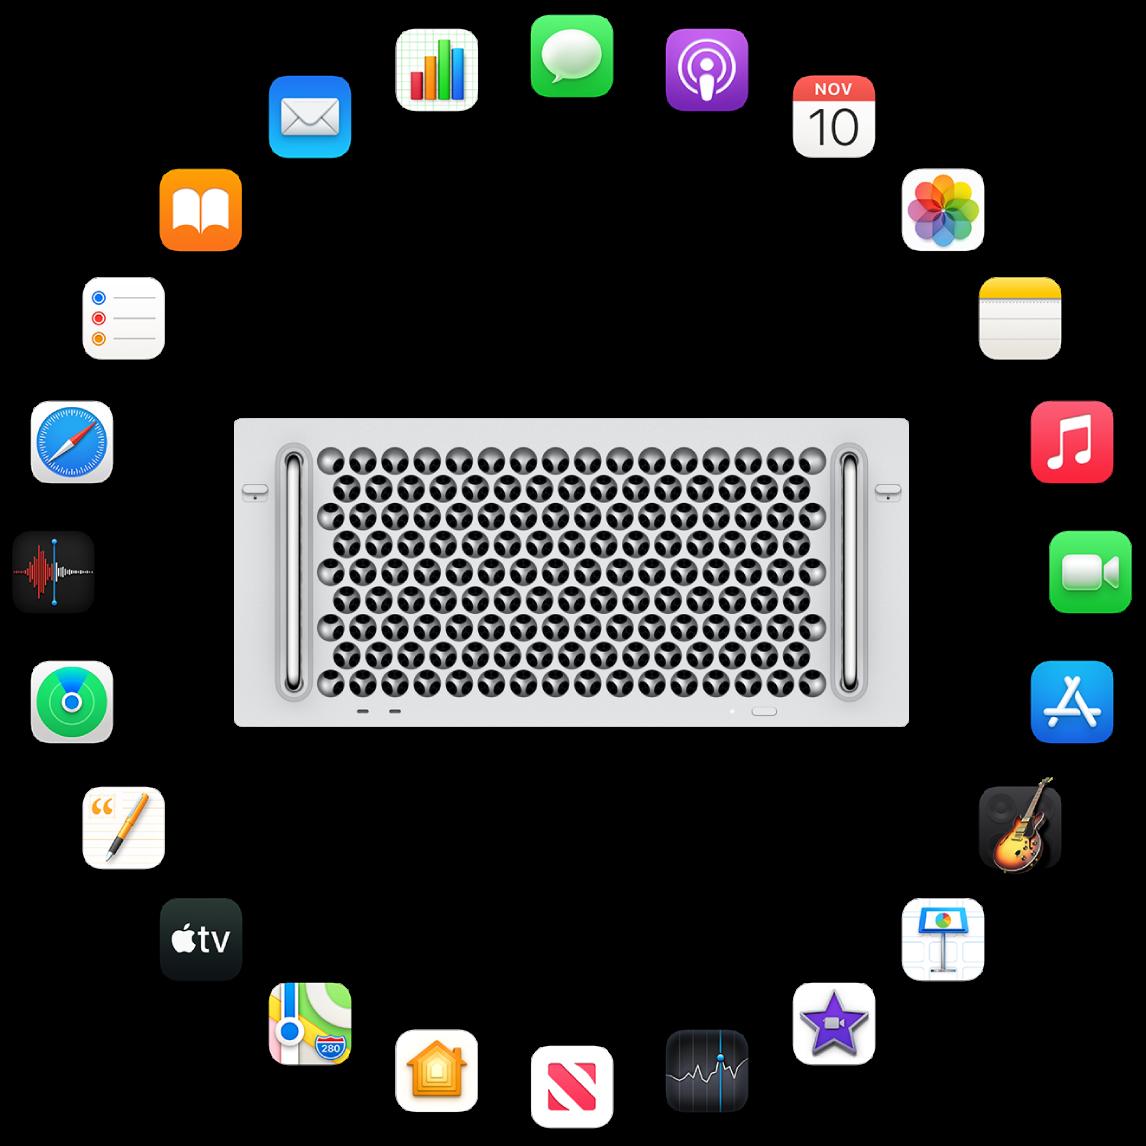 Mac Pro circondato dalle icone delle app integrate, descritte nelle sezioni successive.